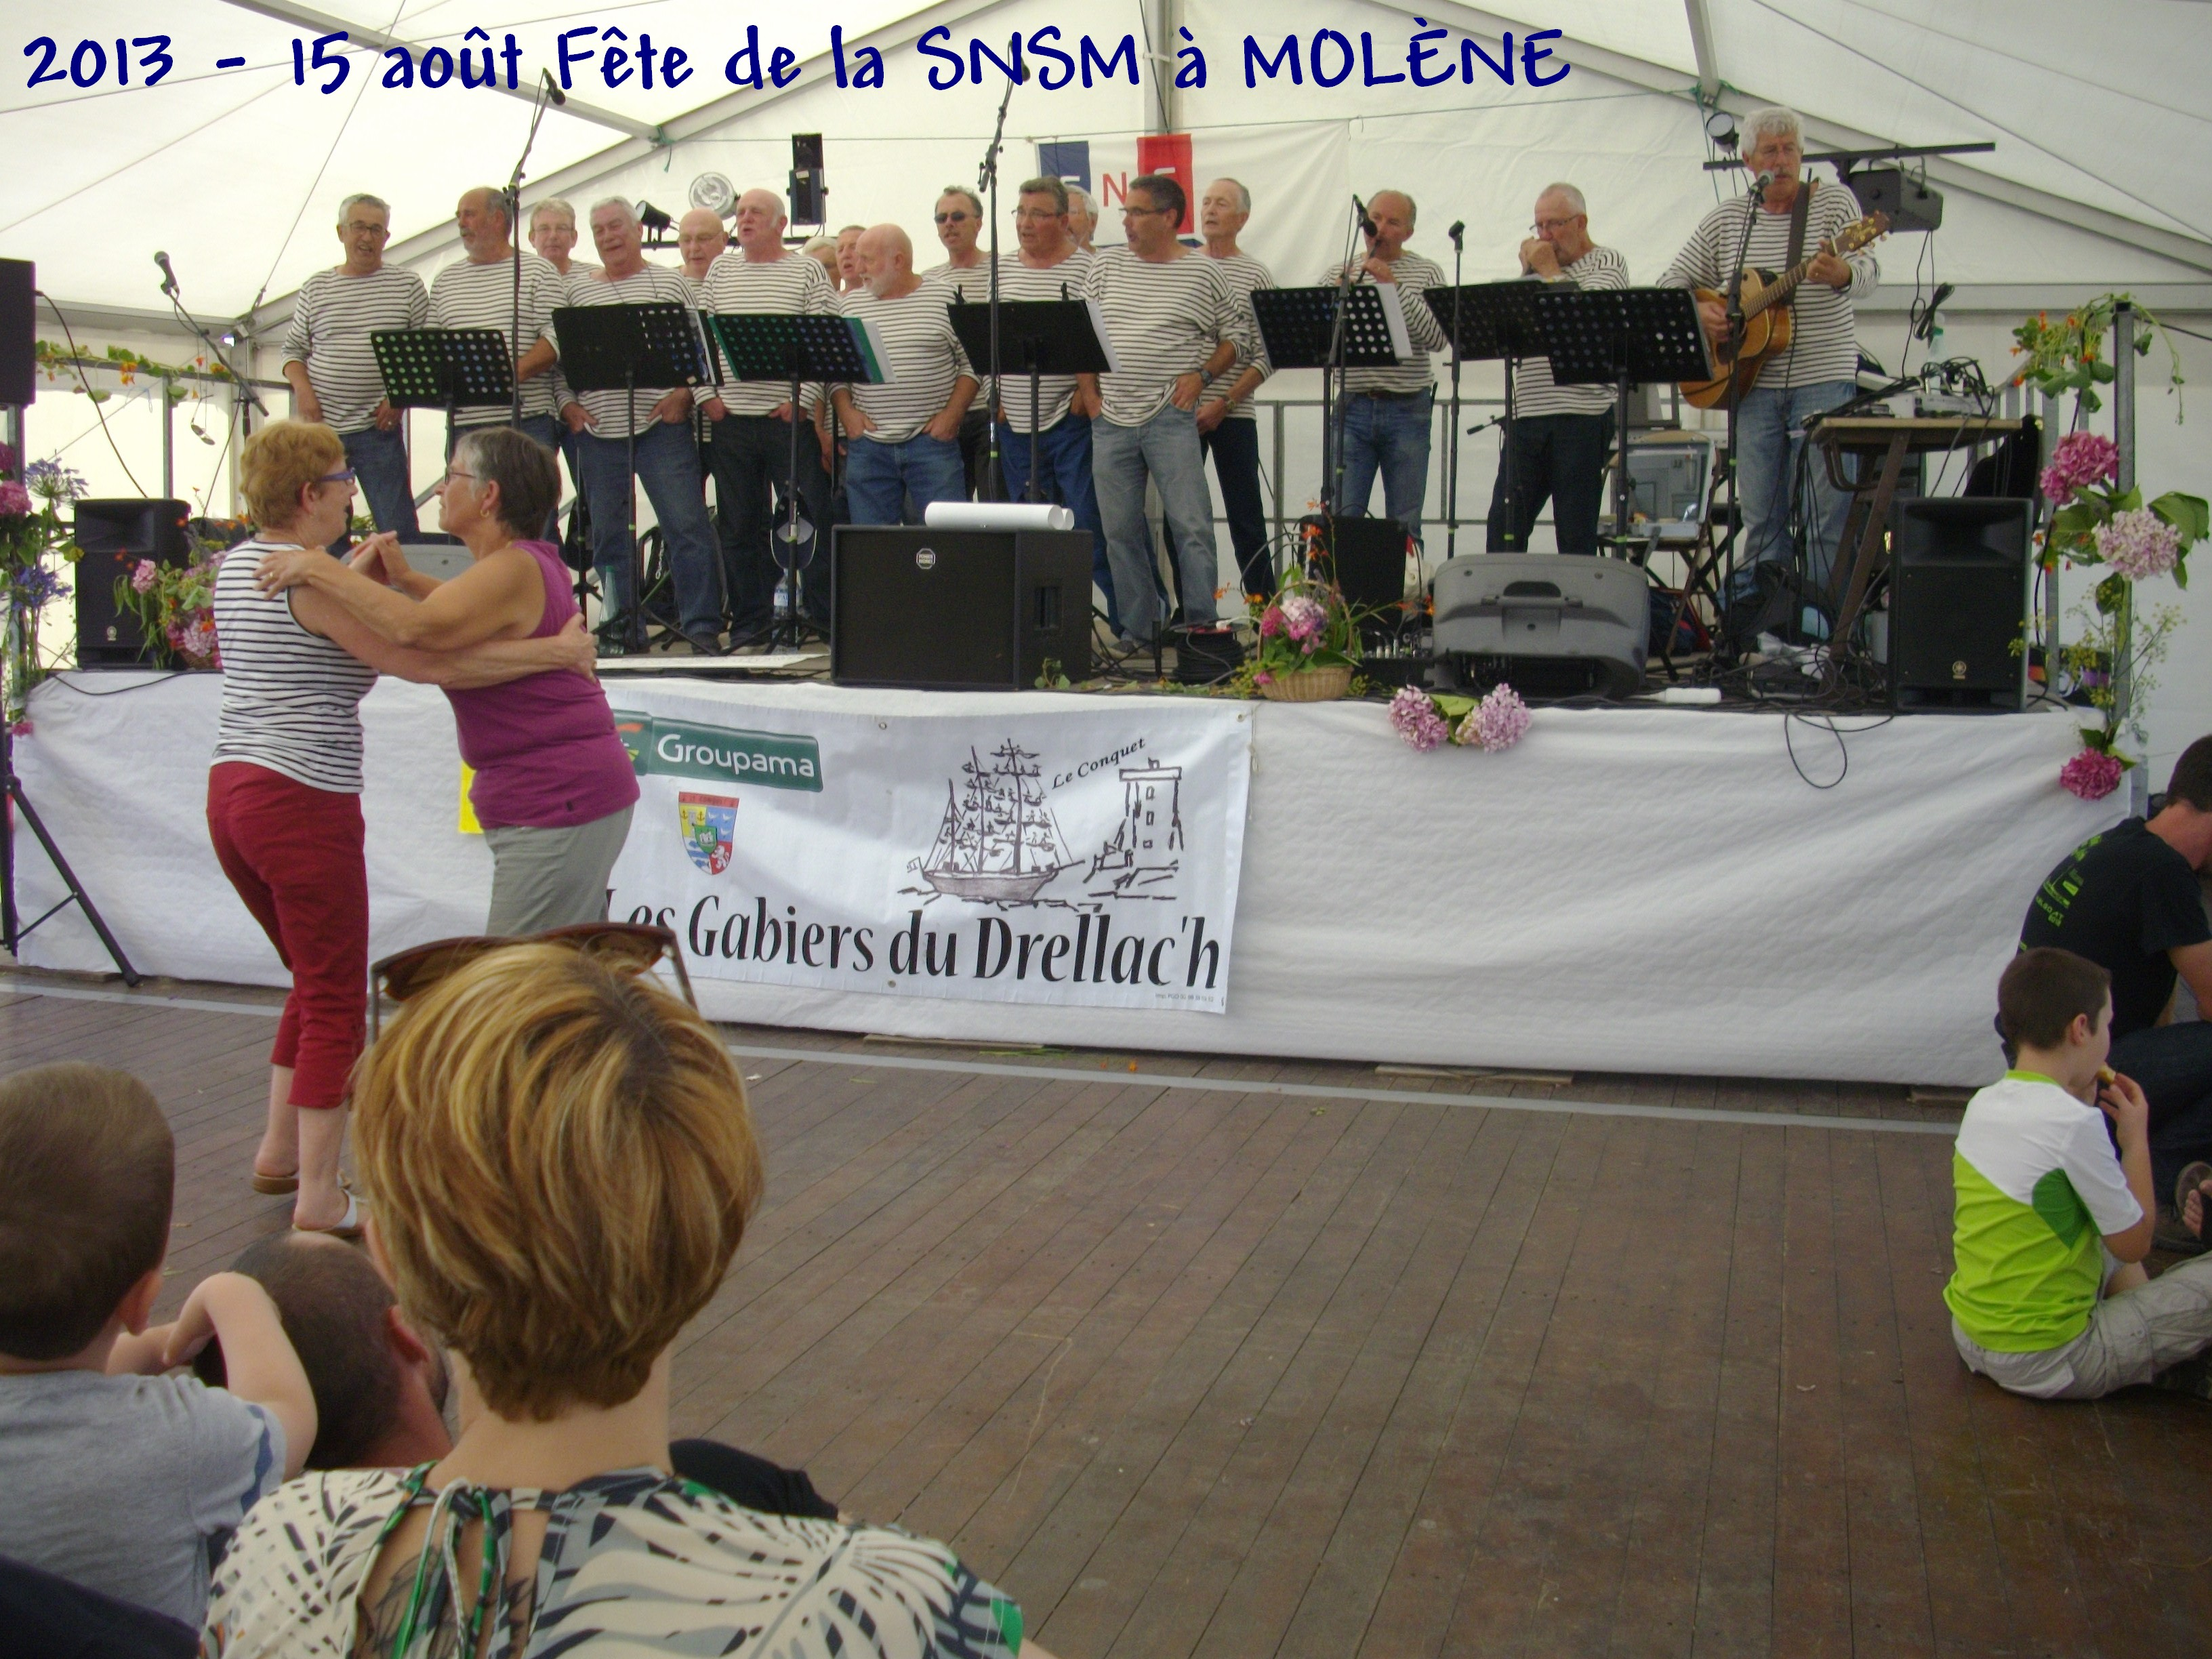 Molène 15 août 017.JPG